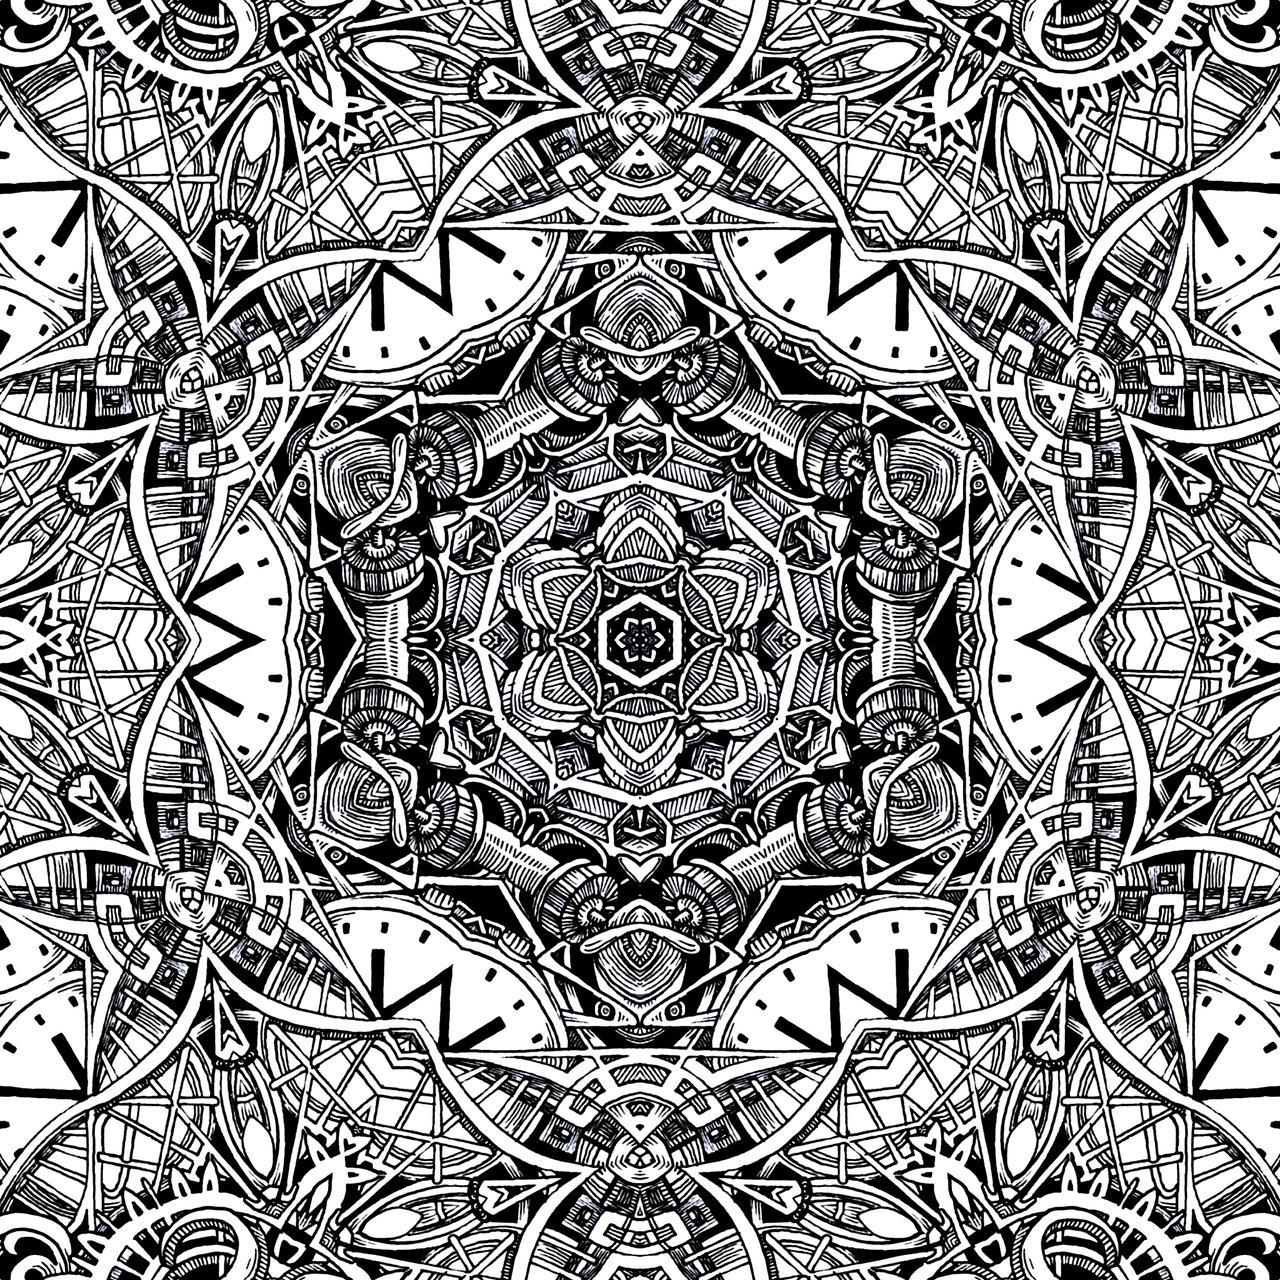 image3A81898 mirror3